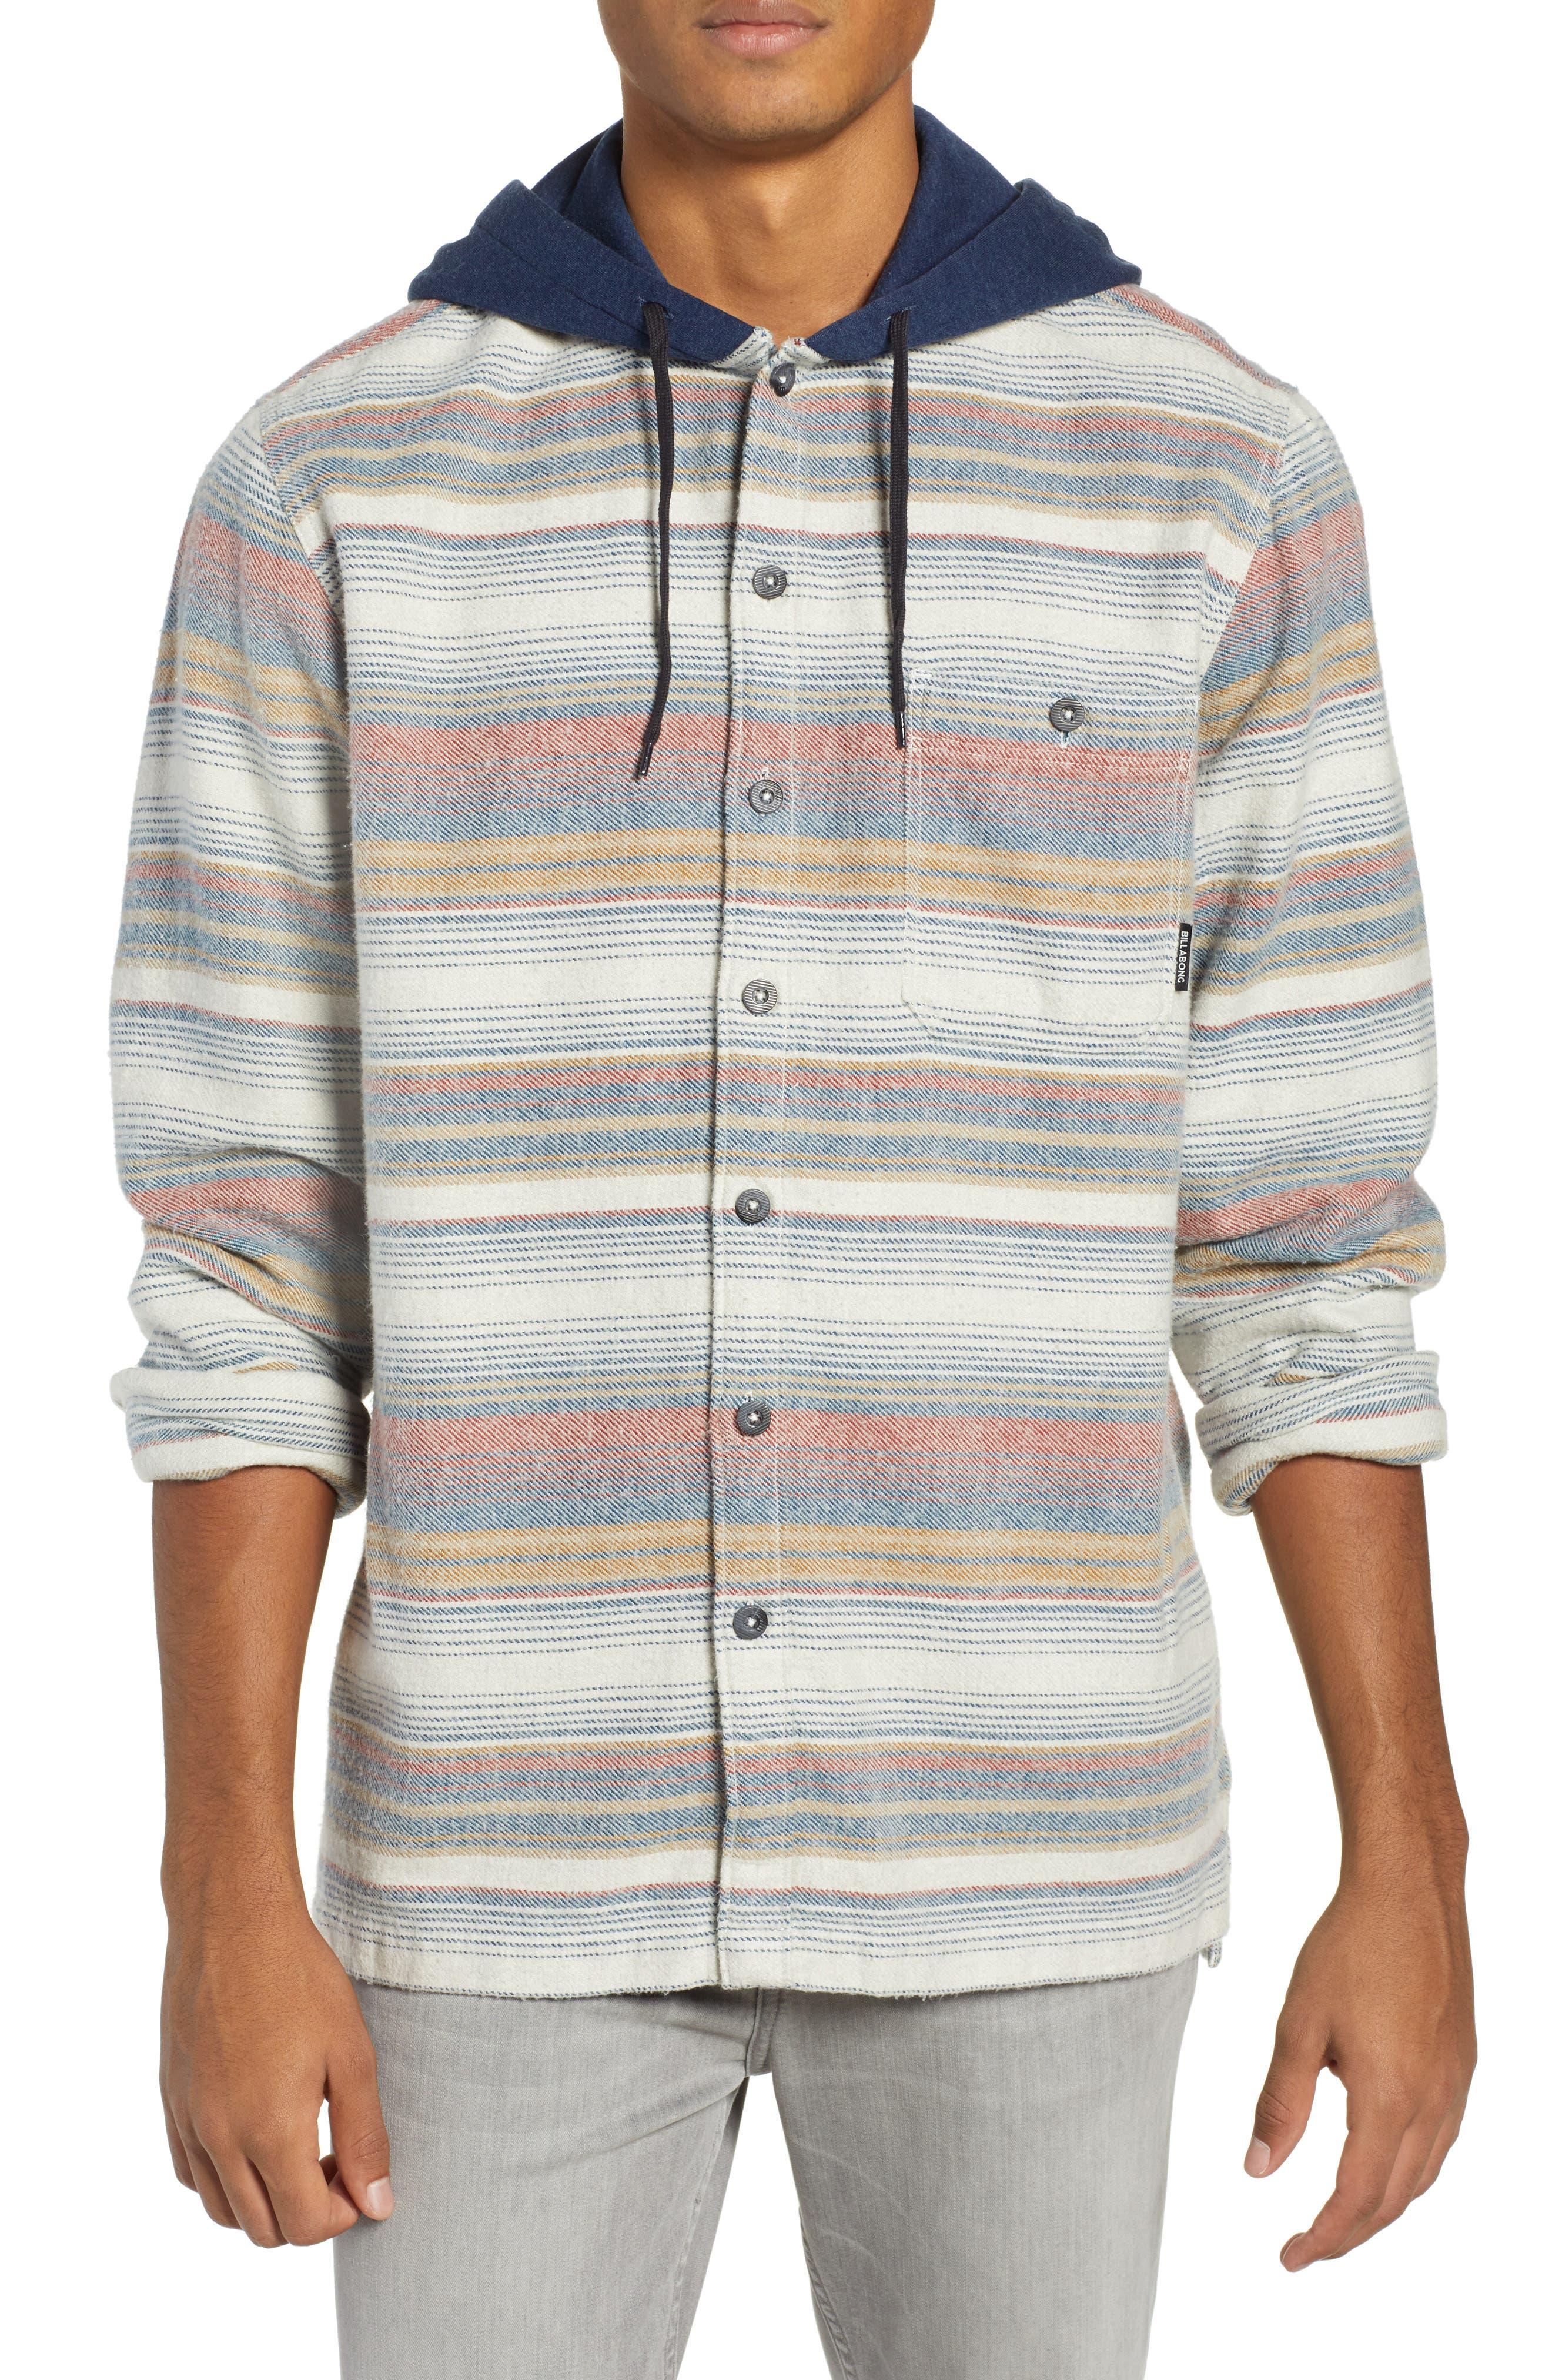 Billabong Baja Hooded Flannel Shirt, Beige